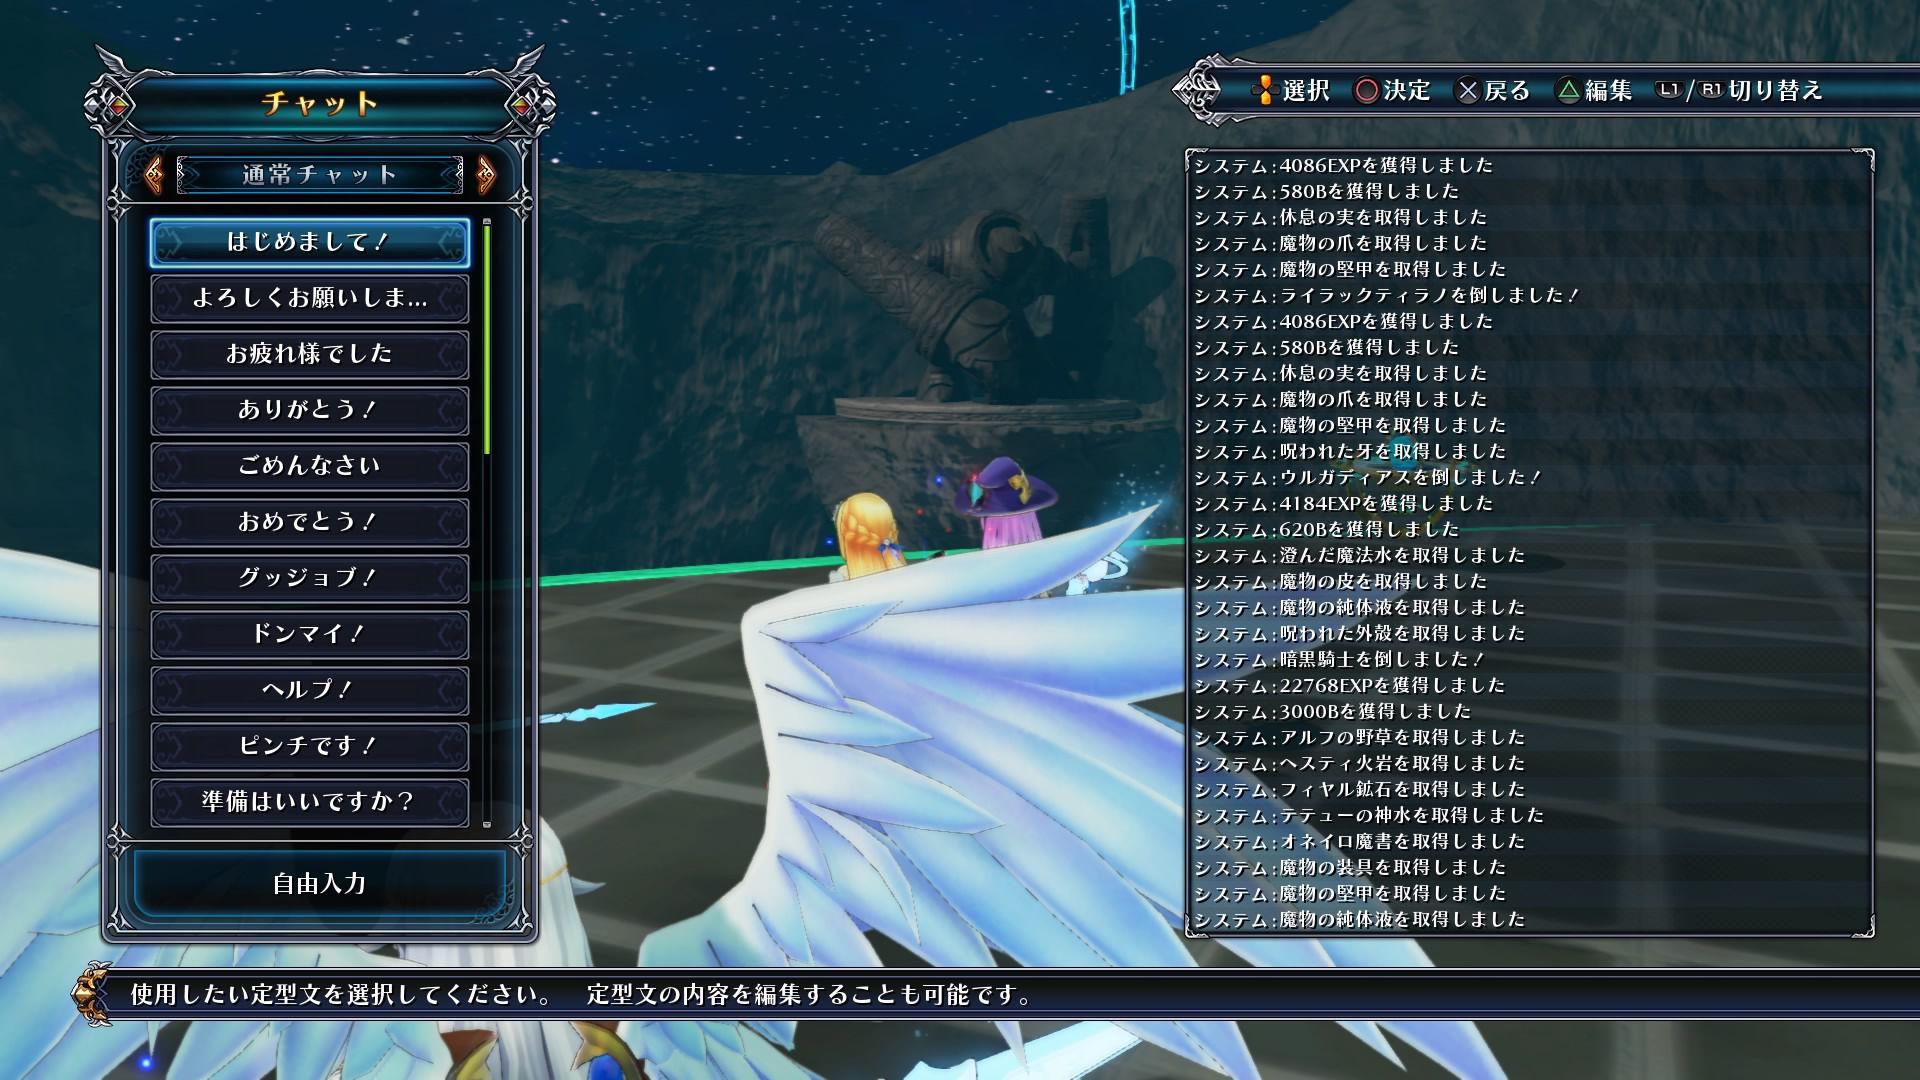 四女神オンライン 【攻略】「四女神オンライン」 体力や攻撃力など、最大値アップ系アイテムでステータスを底上げ!